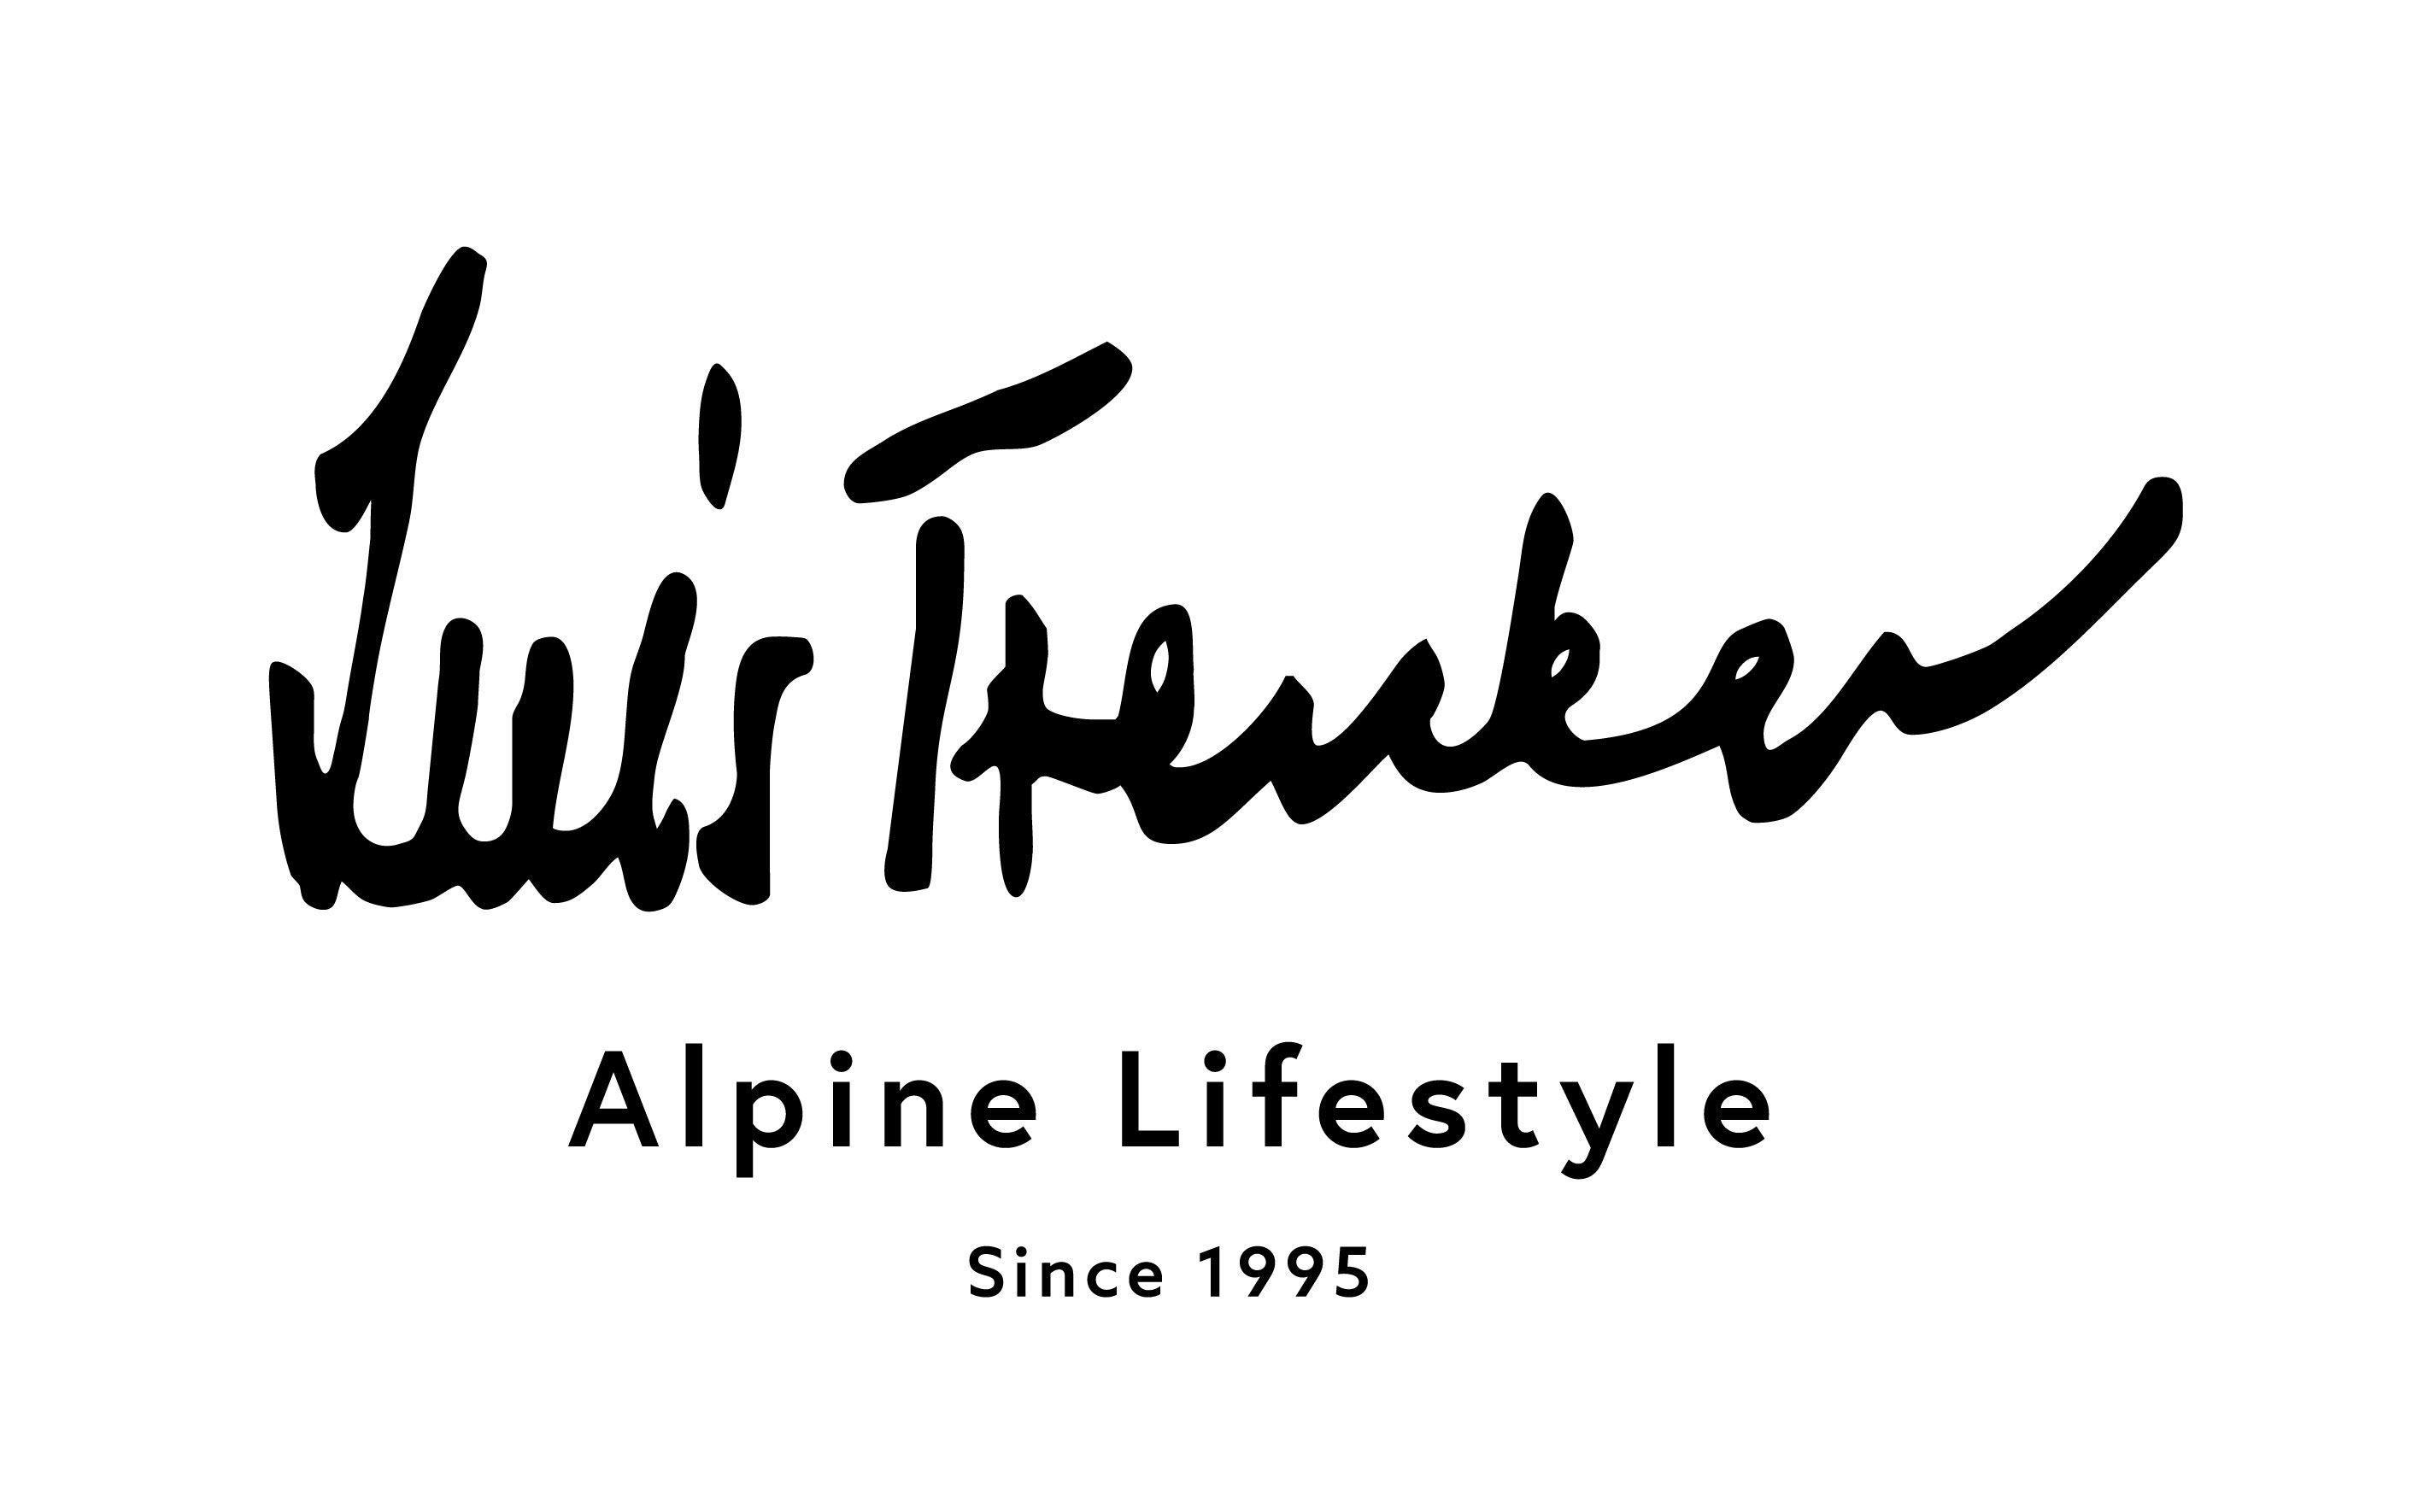 Luis_Trenker_GmbH_Logo.jpg